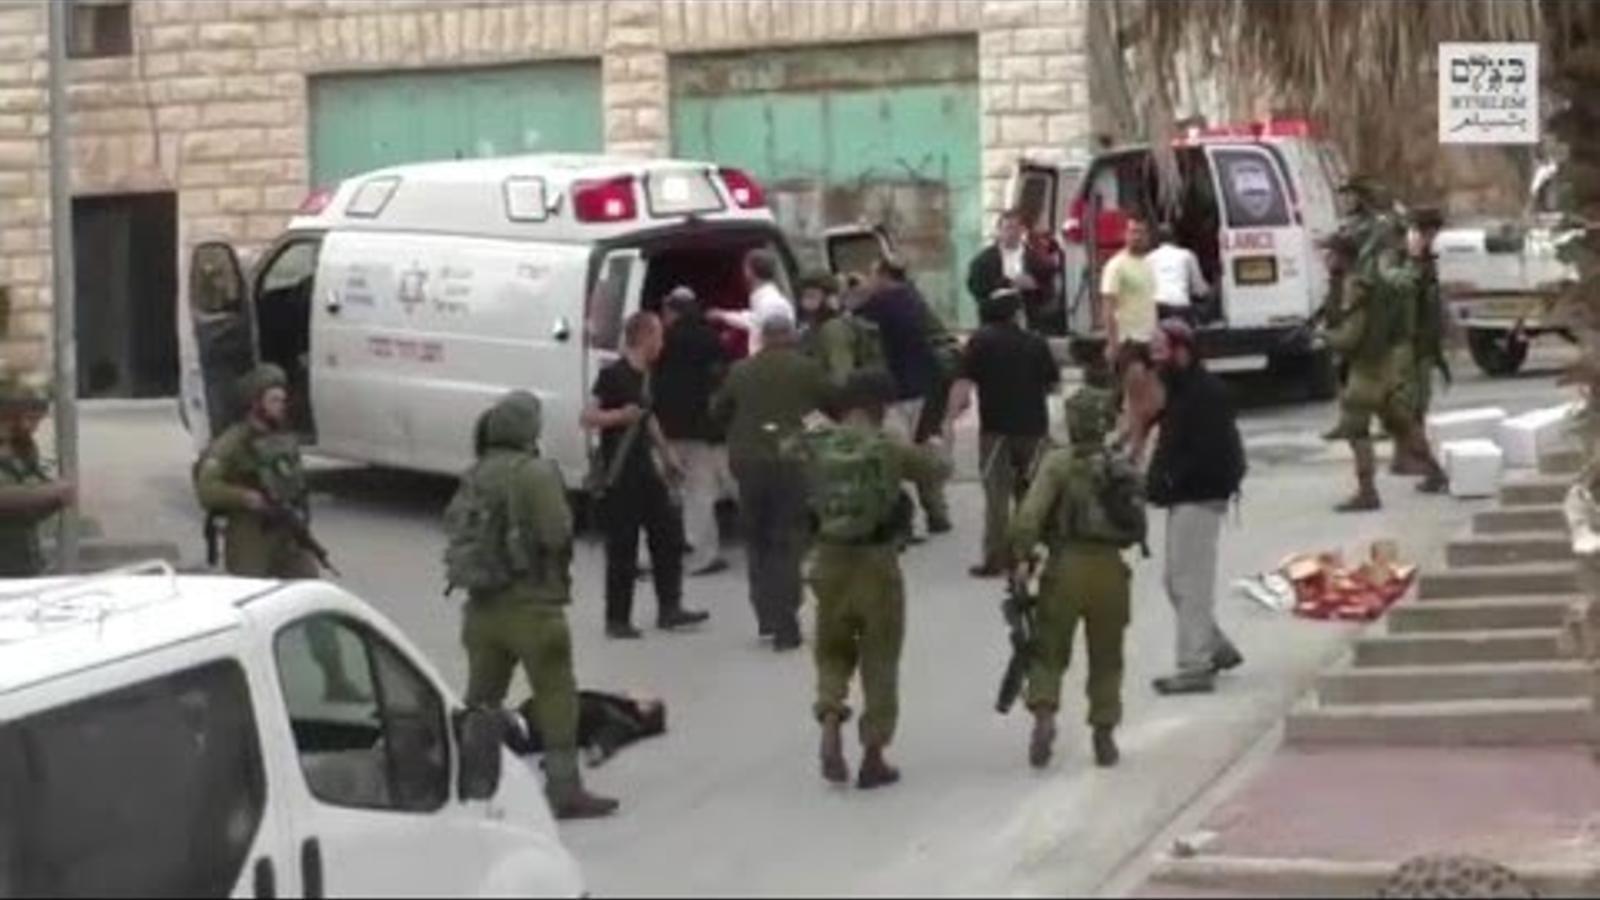 Vídeo que mostra l'execució del palestí.